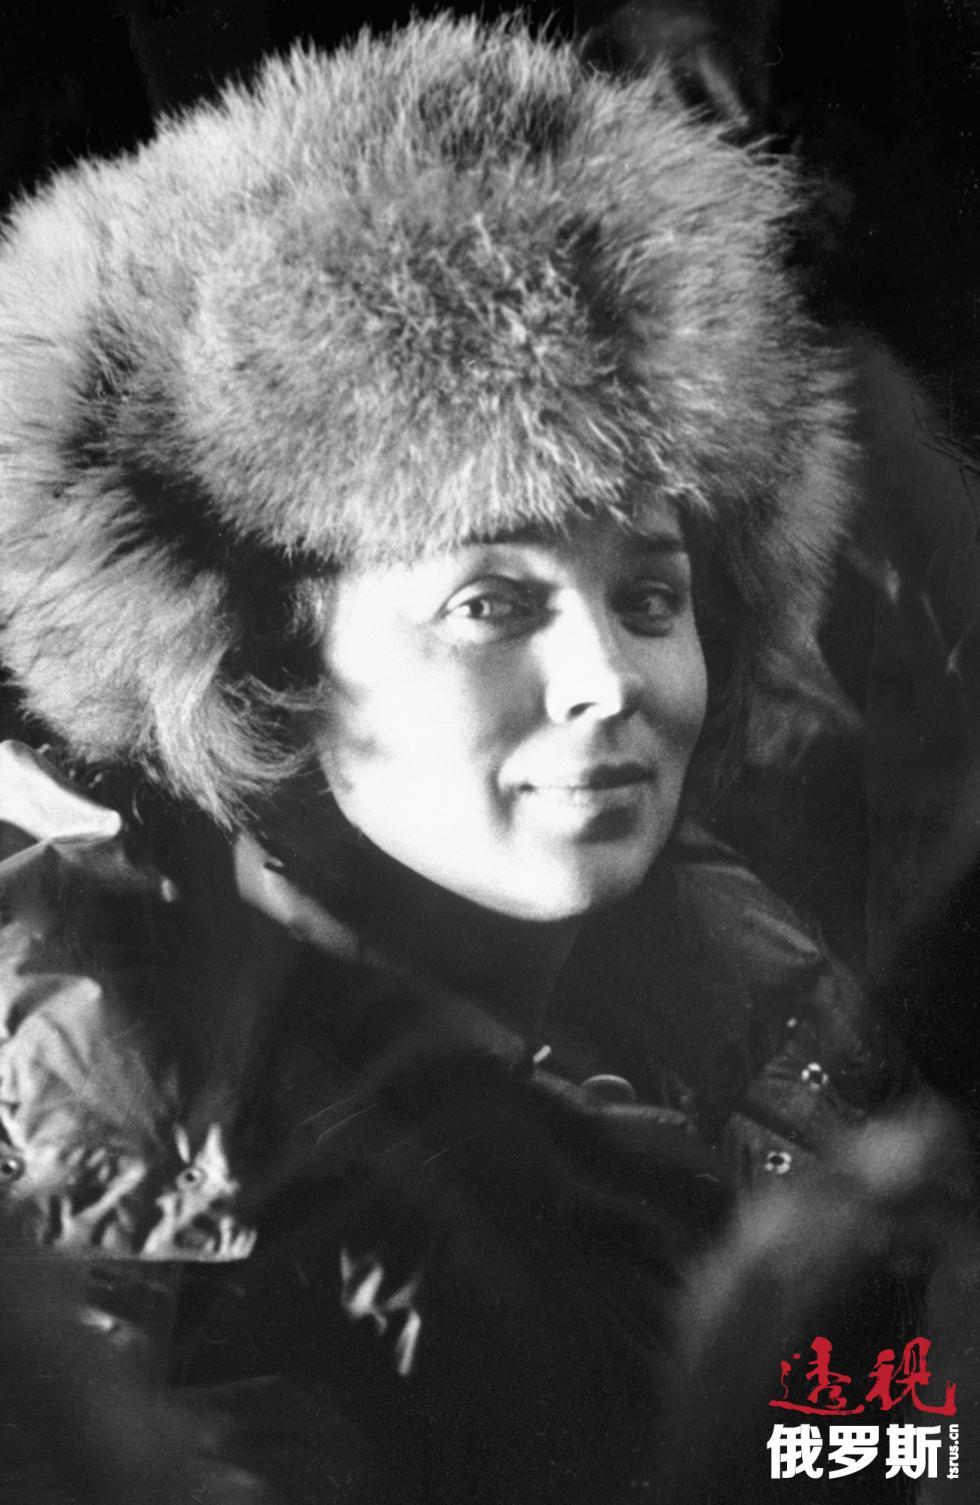 团队创始人瓦莲京娜·库兹涅佐娃。图片来源:V. Volkov / 俄新社